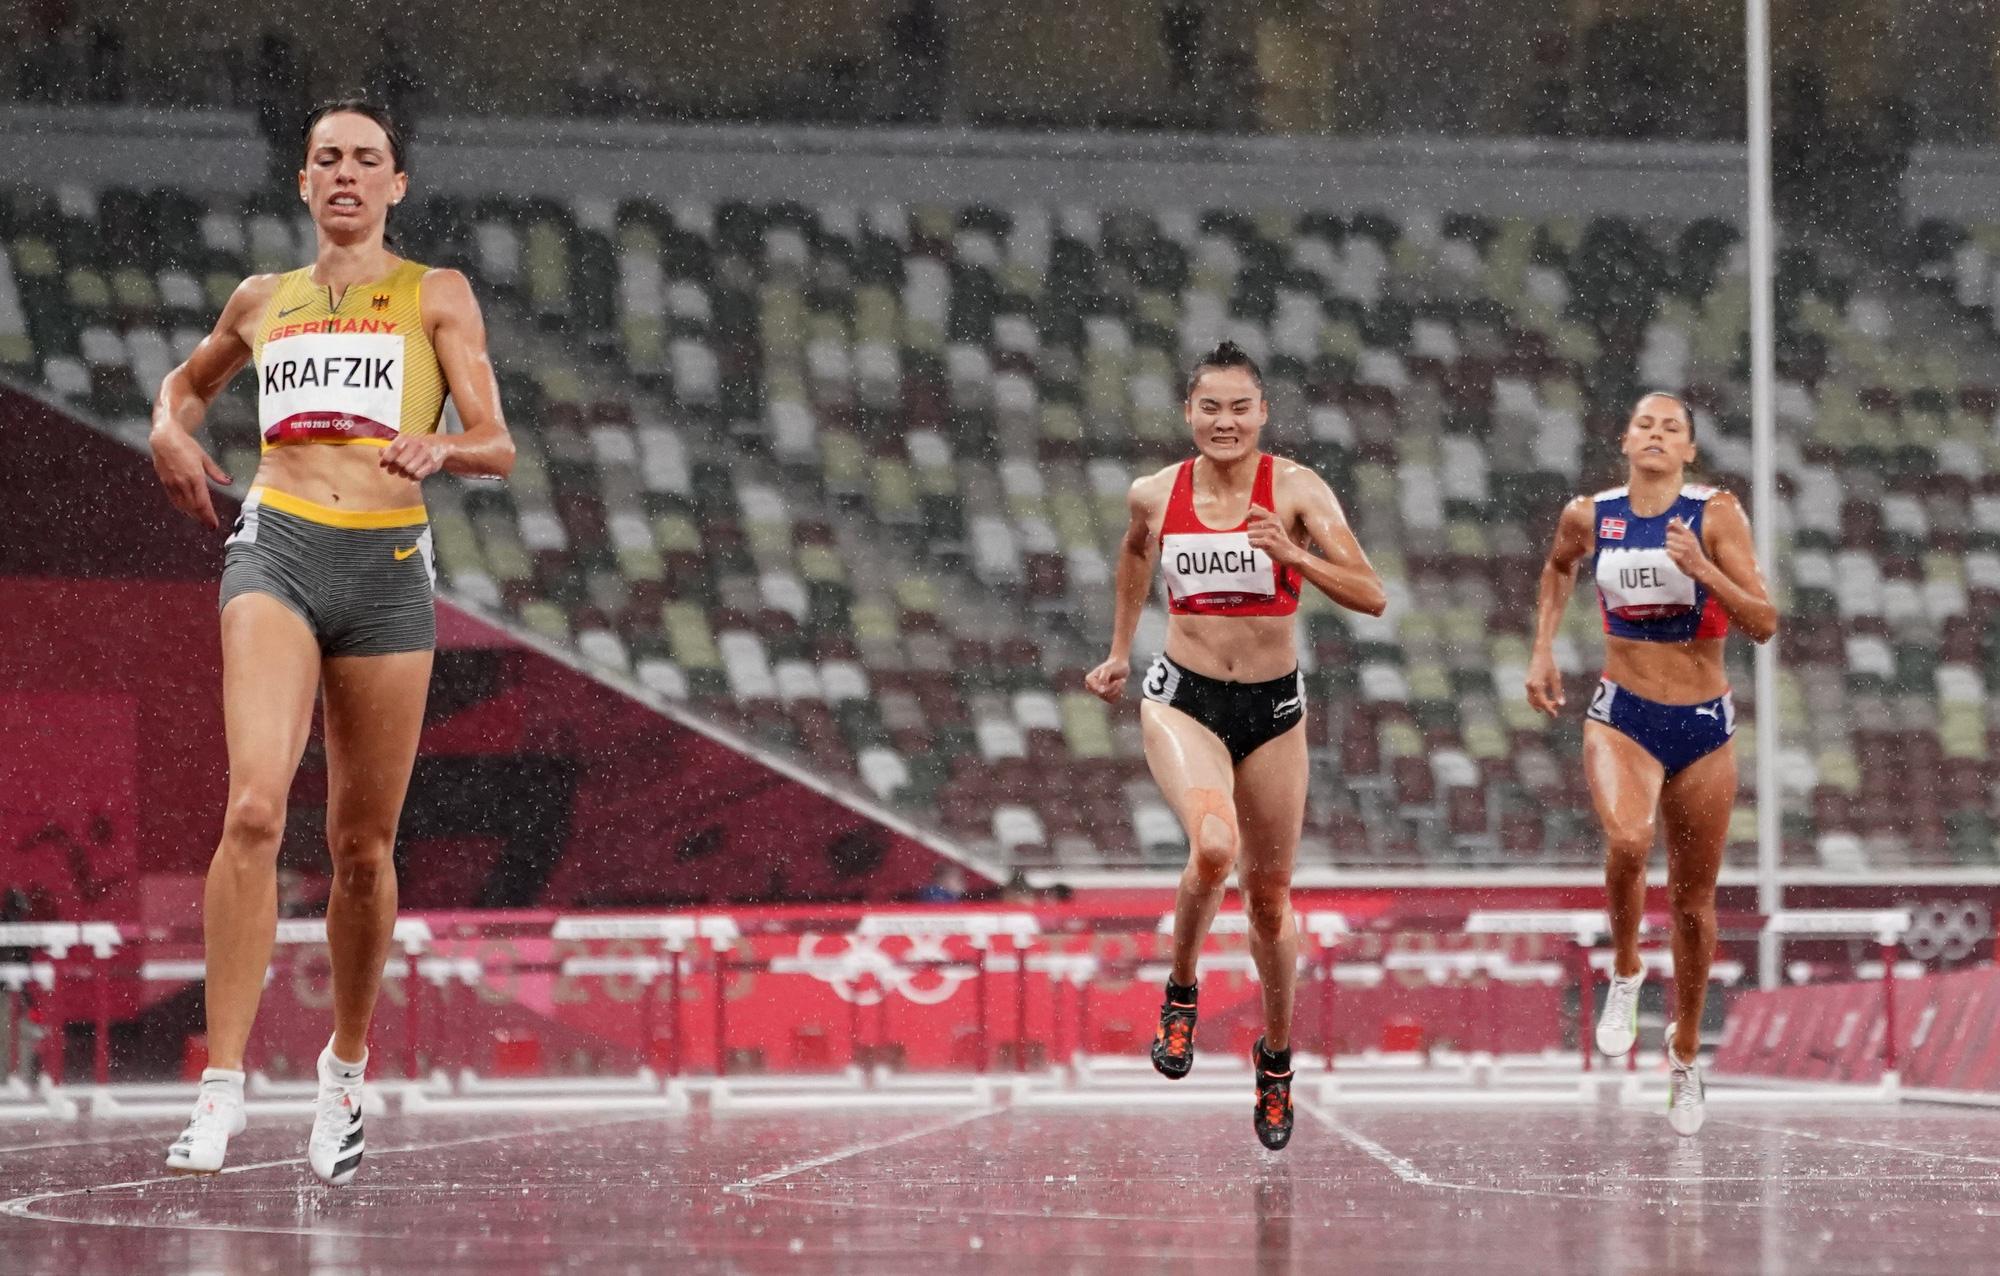 Olympic Tokyo 2020: Quách Thị Lan thua cuộc dưới mưa! - Ảnh 1.